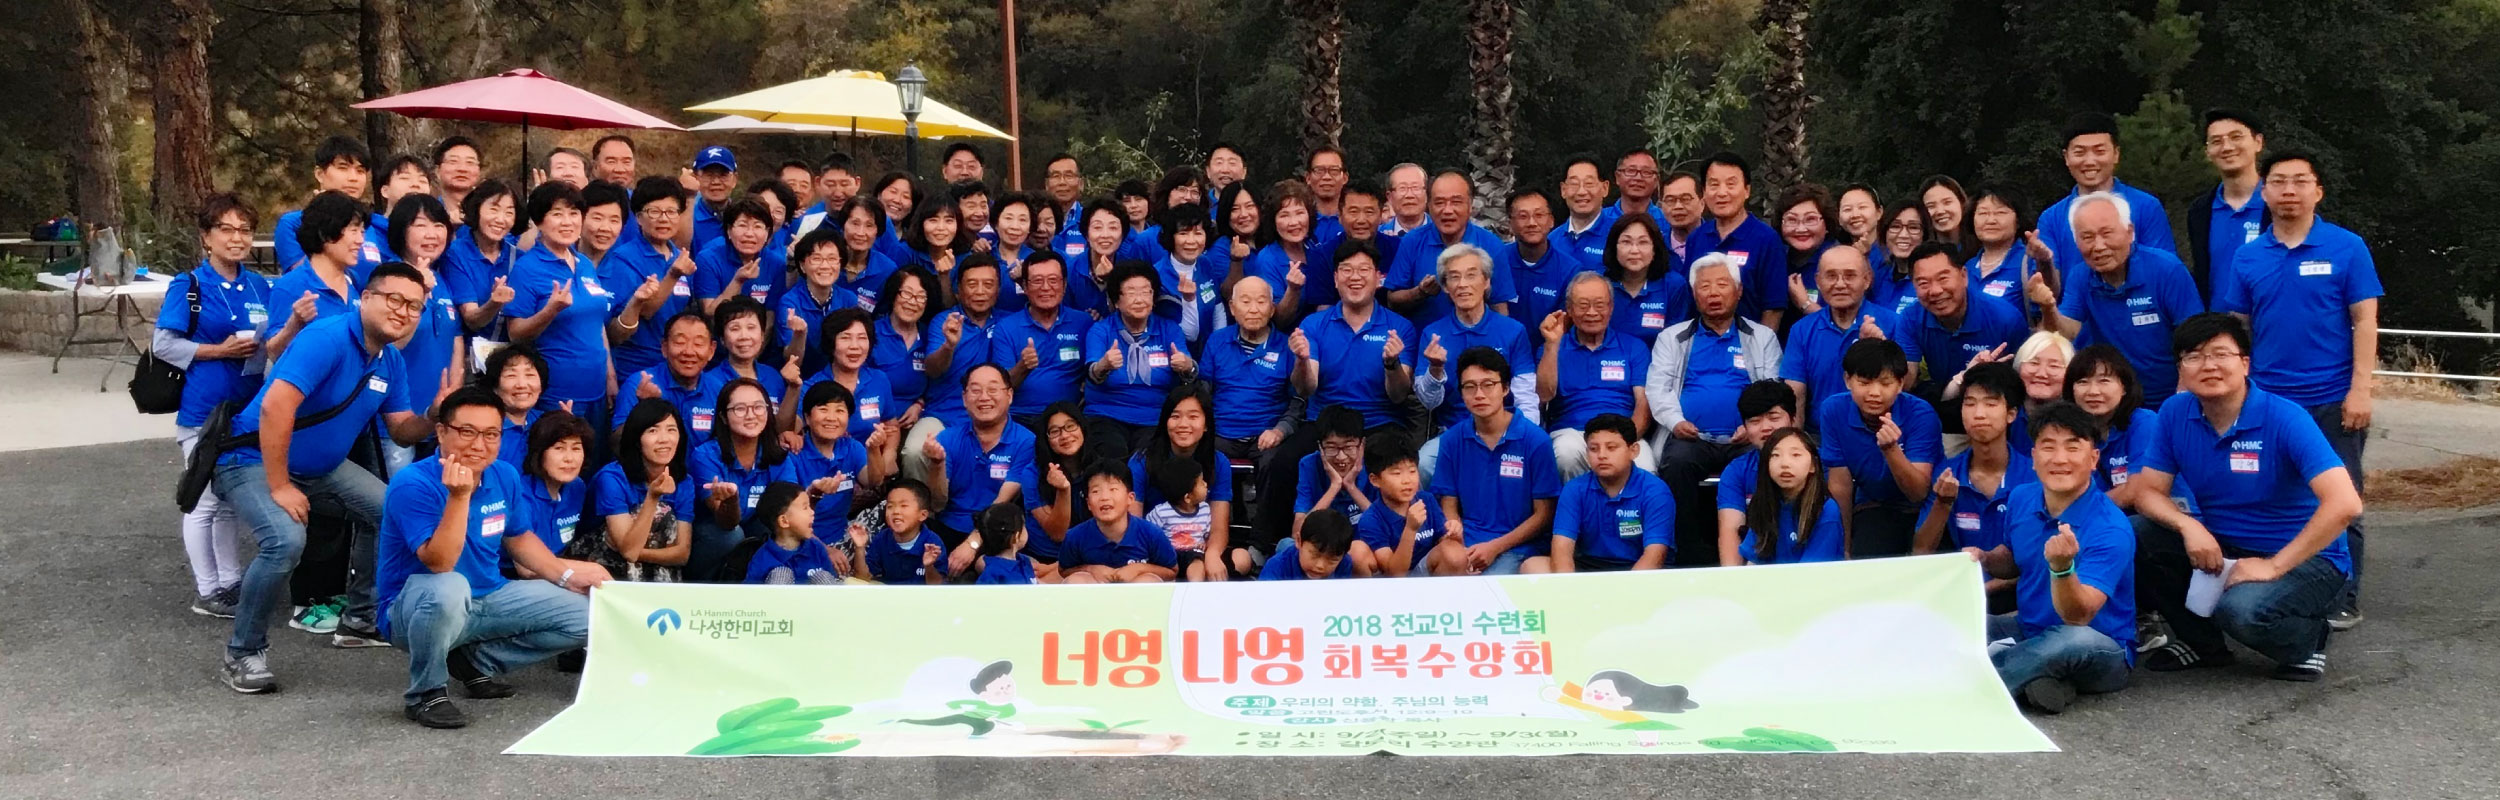 2018 전교인 수련회